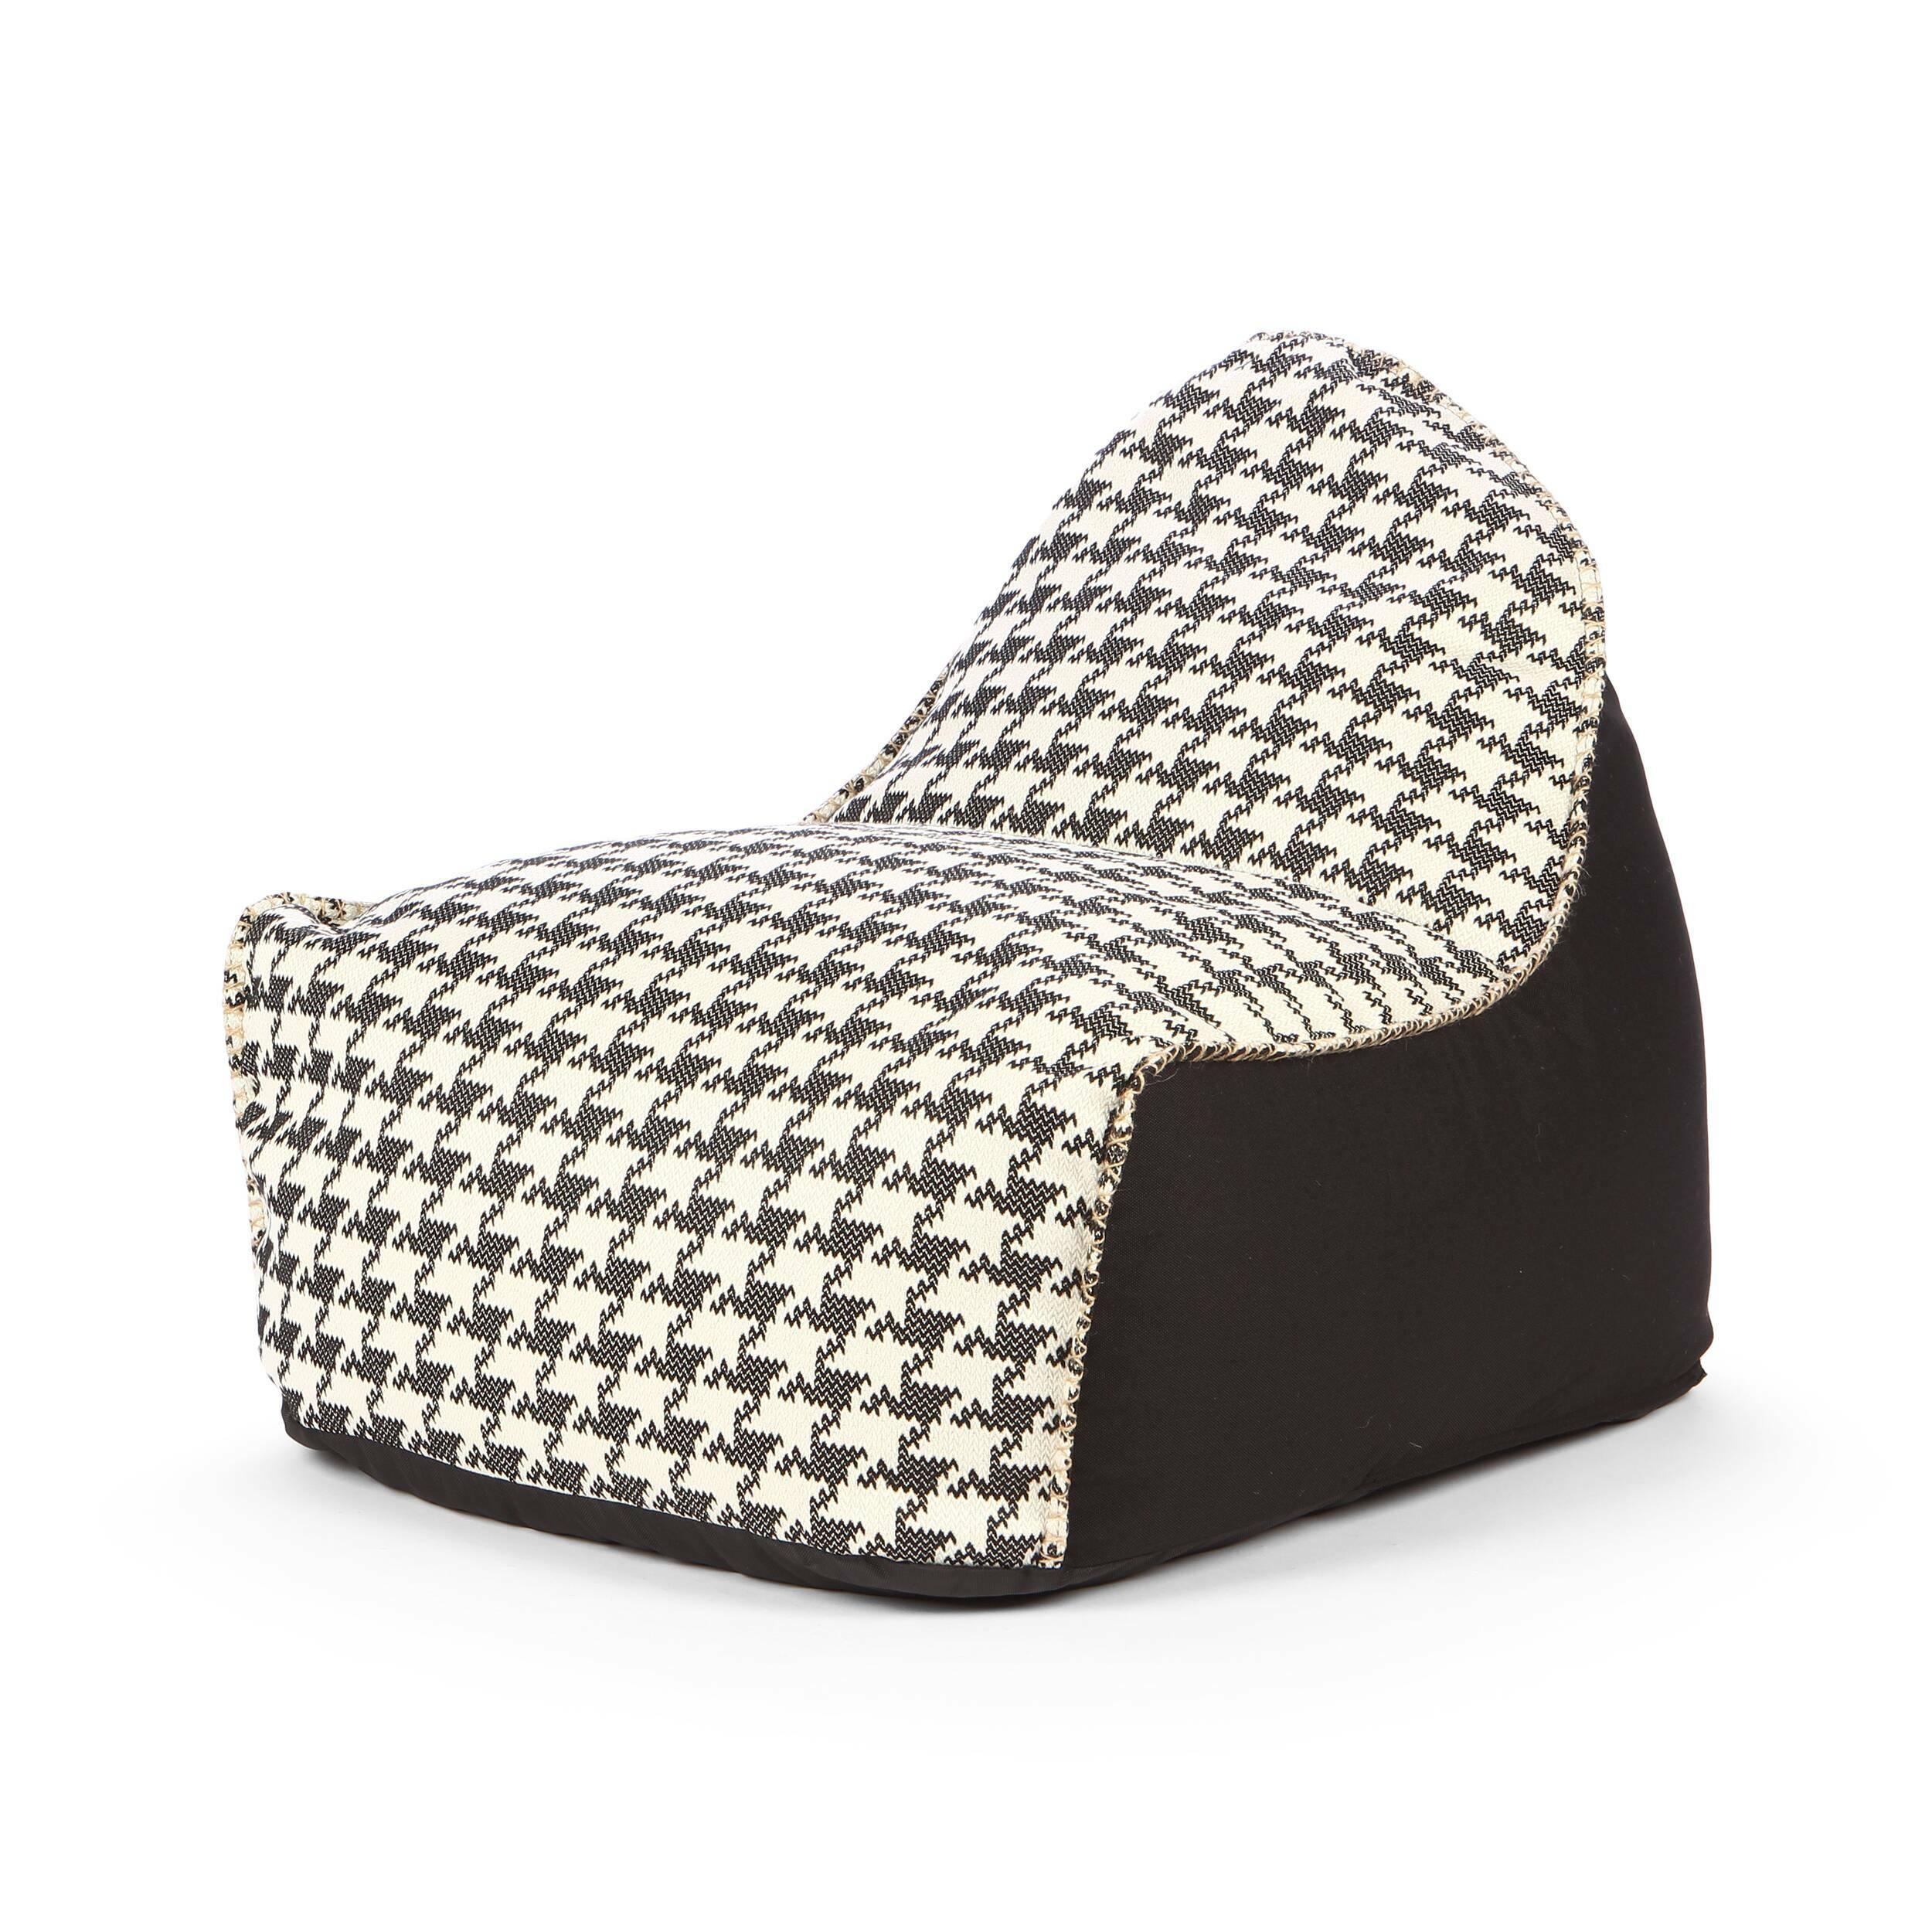 Кресло бескаркасное TuileriesИнтерьерные<br>Дизайнерское большое яркое бескаркасное кресло Tuileries (Тулериз) от Lazy Life Paris (Лэзи Лайф Пэрис).<br><br><br> Кресло бескаркасное Tuileries — это замечательная пара для одноименного пуфика, созданного известным брендом Lazy Life Paris. Компания особенно славится своей широкой коллекцией бескаркасной мягкой мебели, которая так тепло и уютно смотрится в любой домашней комнате. Кресло Tuileries имеет весьма внушительные размеры в ширину, благодаря чему отдых в нем особенно приятный и расслабл...<br><br>stock: 1<br>Высота: 70<br>Ширина: 80<br>Глубина: 90<br>Наполнитель: EPS наполнитель<br>Материал каркаса: Полиэстер<br>Тип материала каркаса: Ткань<br>Цвет каркаса: Черный